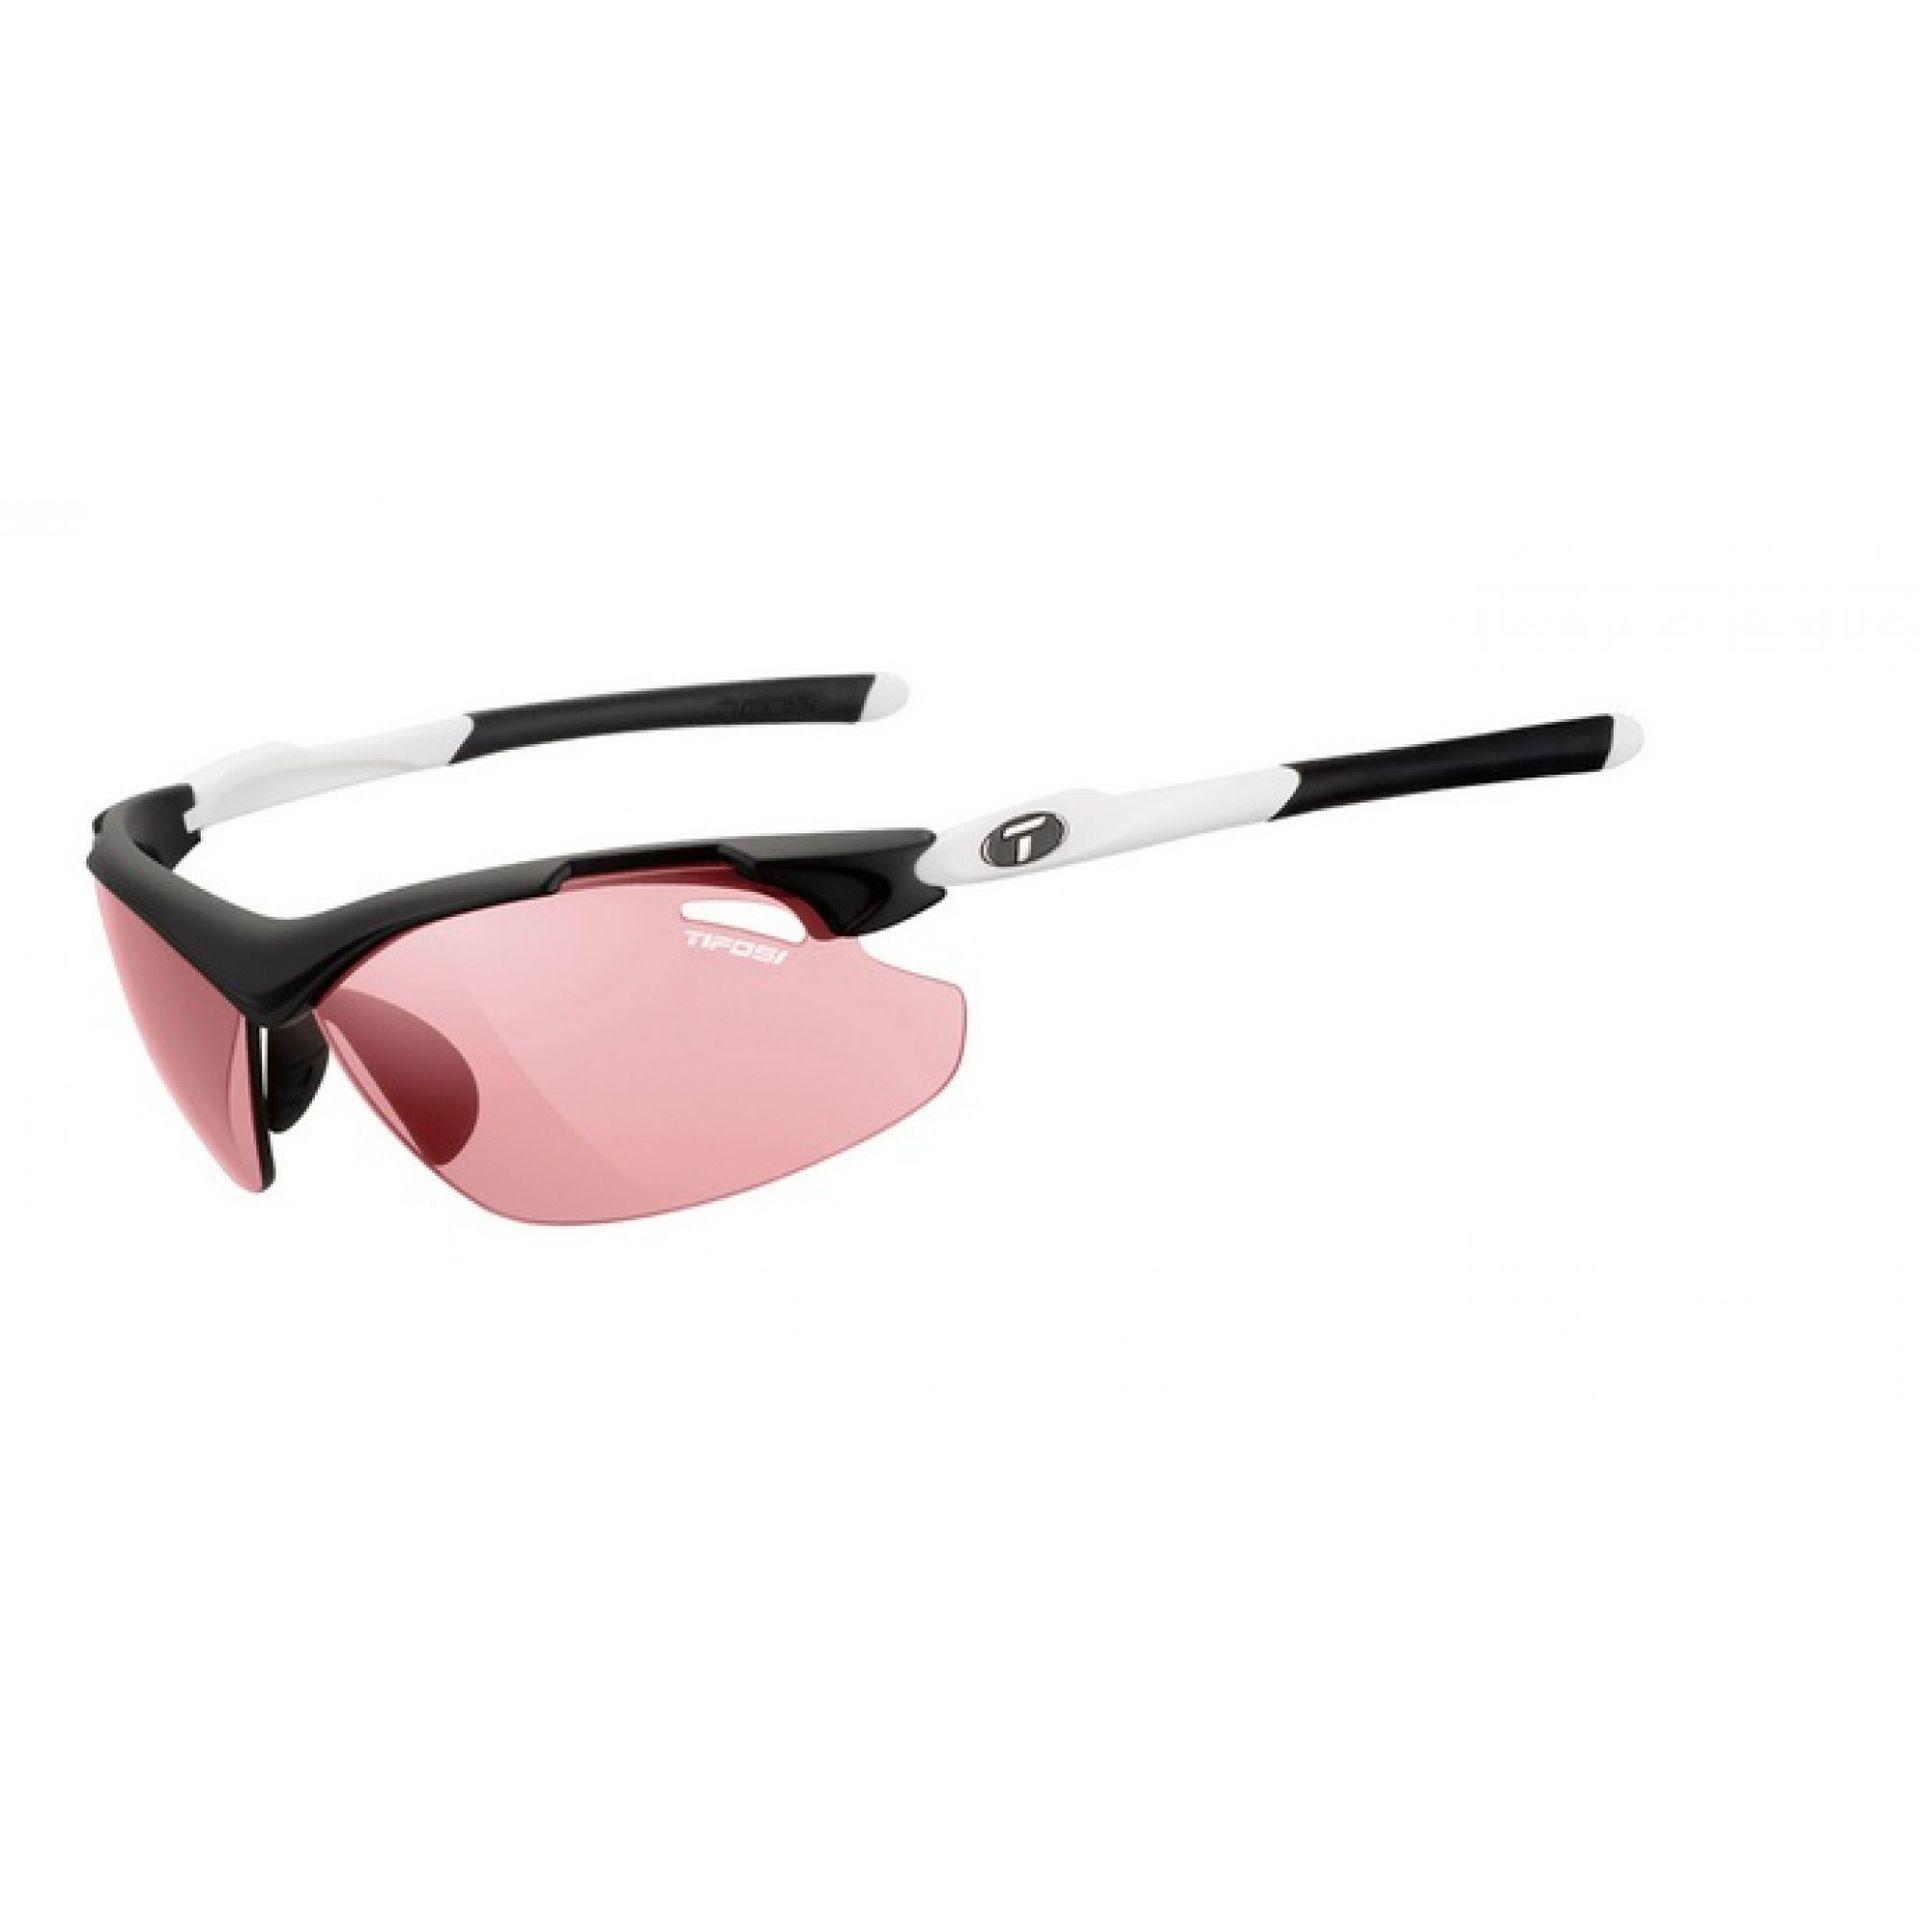 Okulary Tifosi Tyrant 2.0 black white